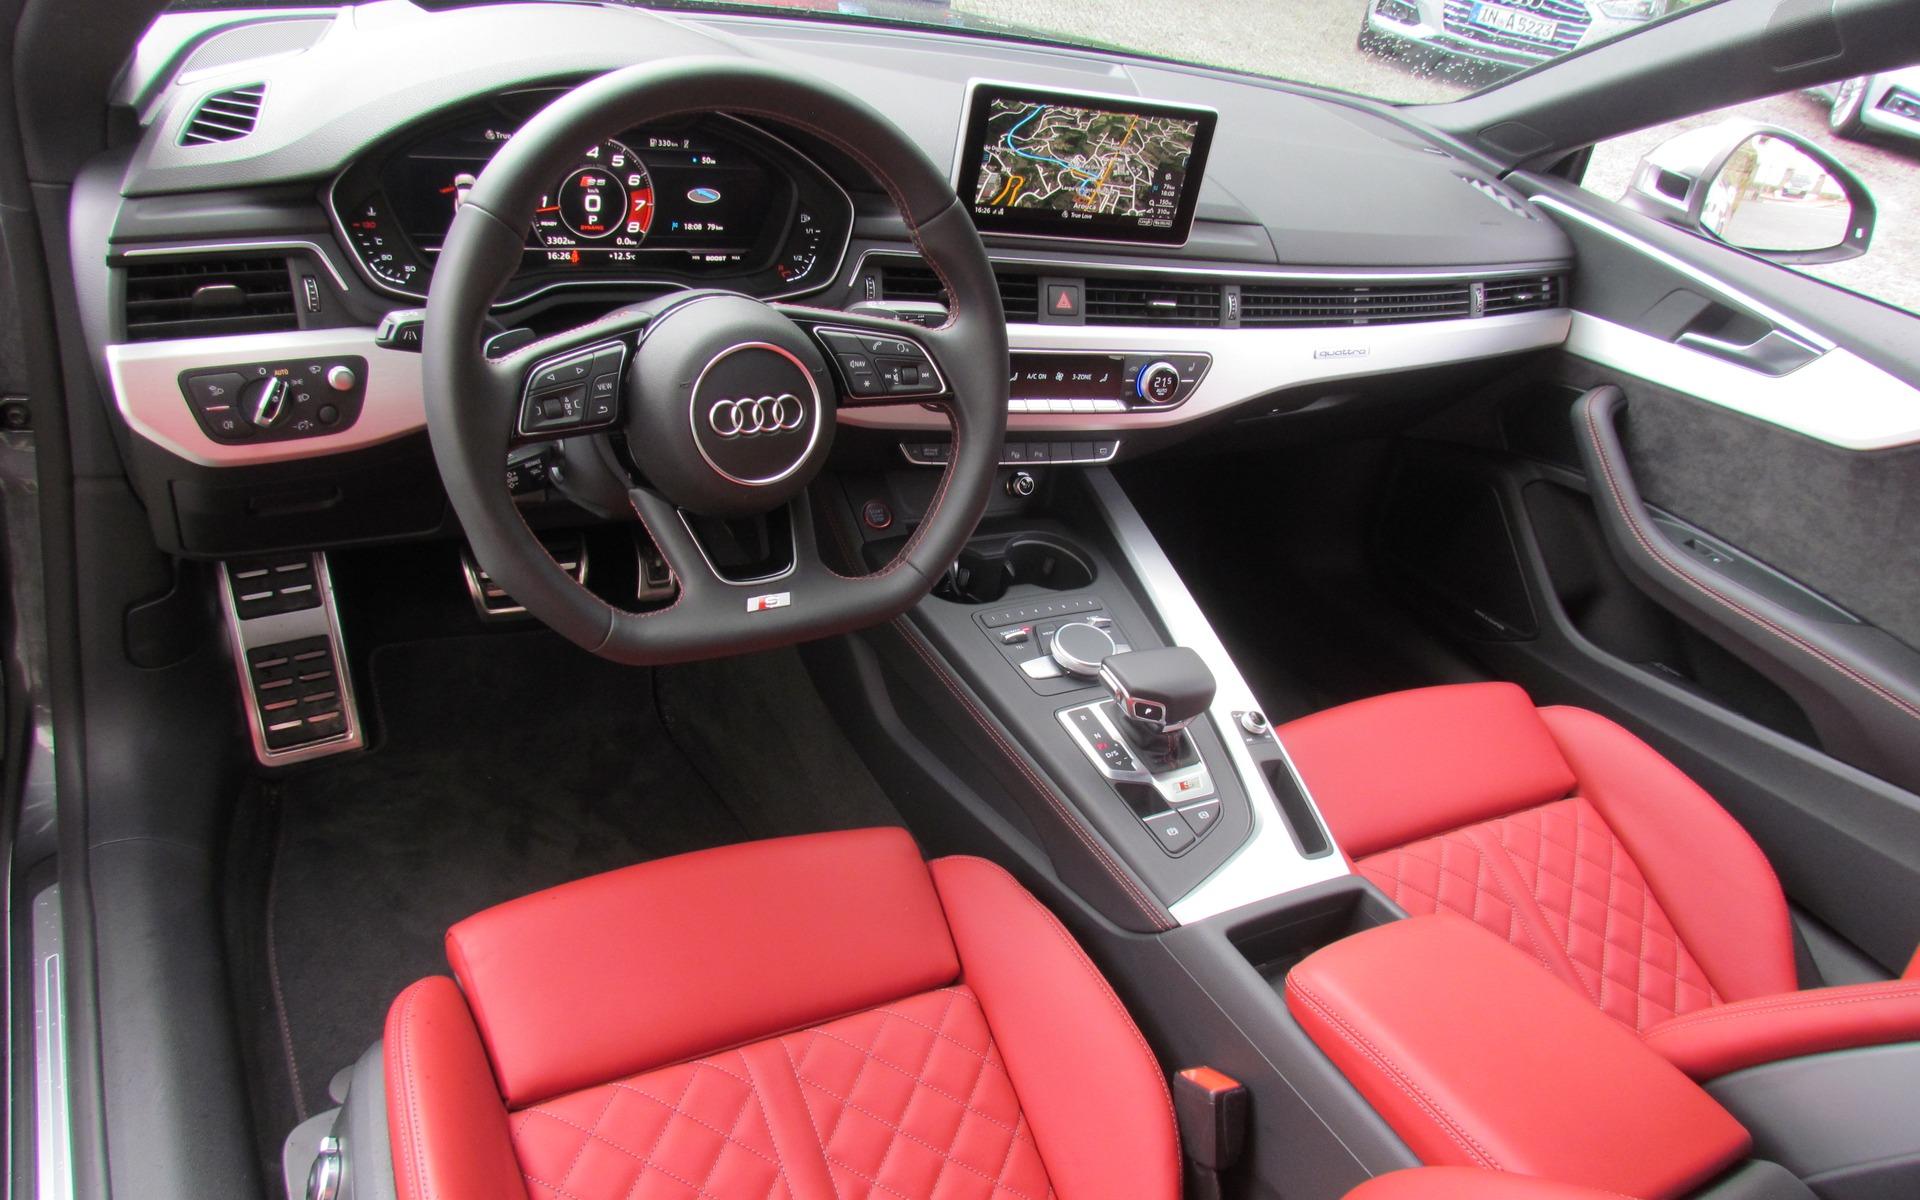 2018_Audi_A5 inside